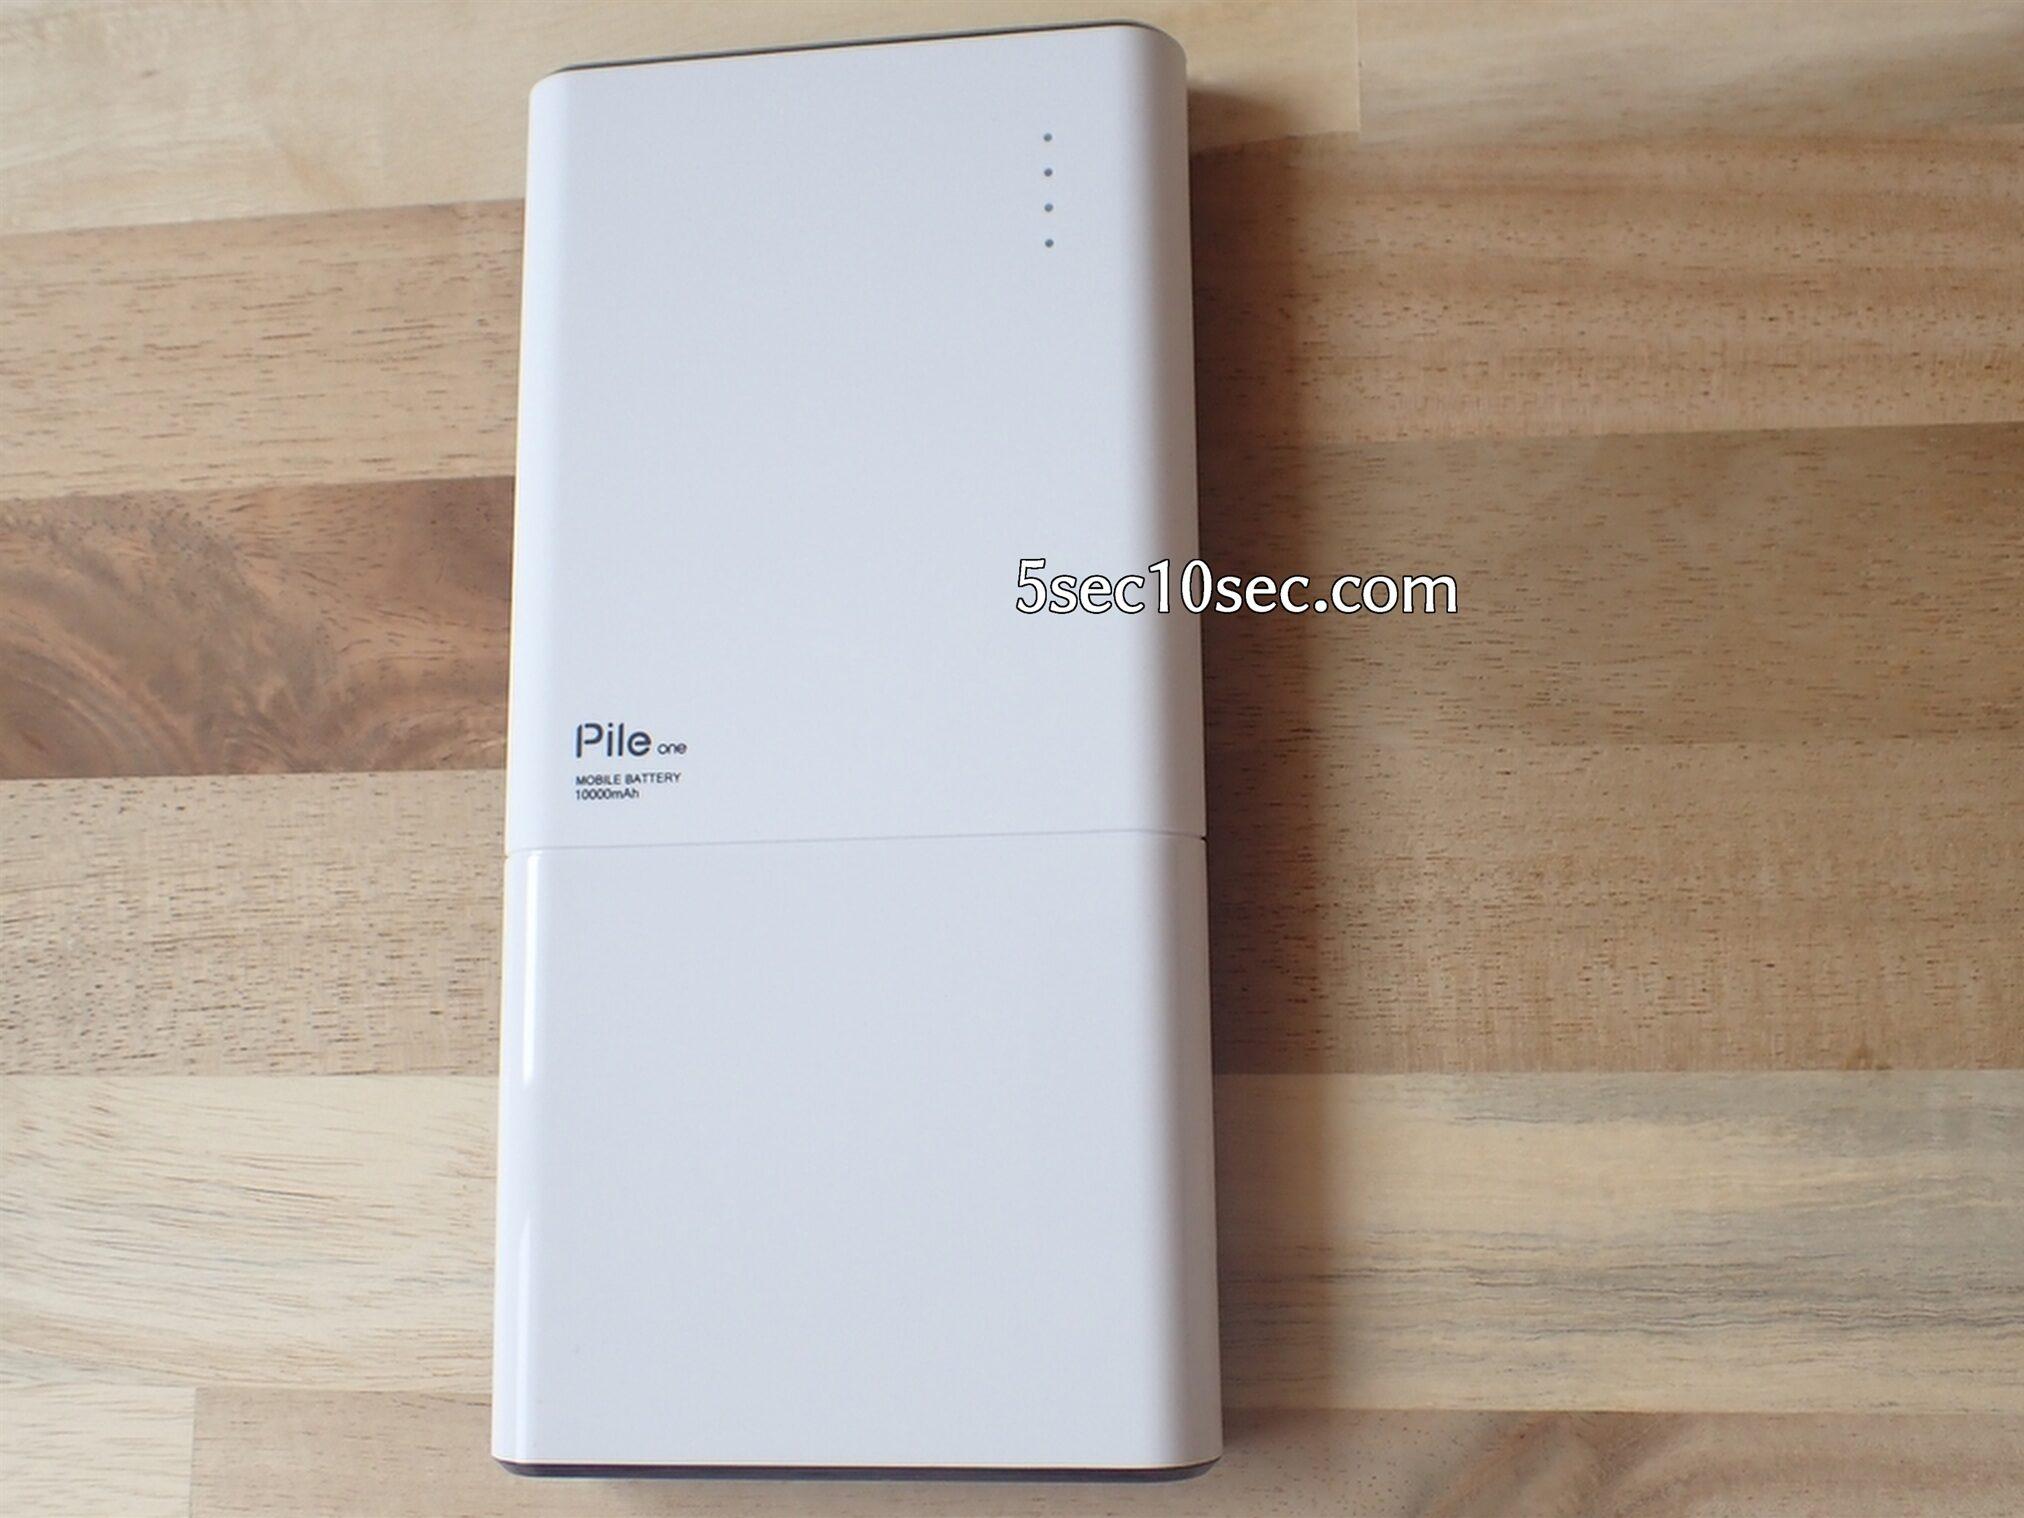 エレコム モバイルバッテリー Pile one Type-Cポート搭載 10000mAh 大容量 4.8A出力 DE-M08-N10048WH 本体